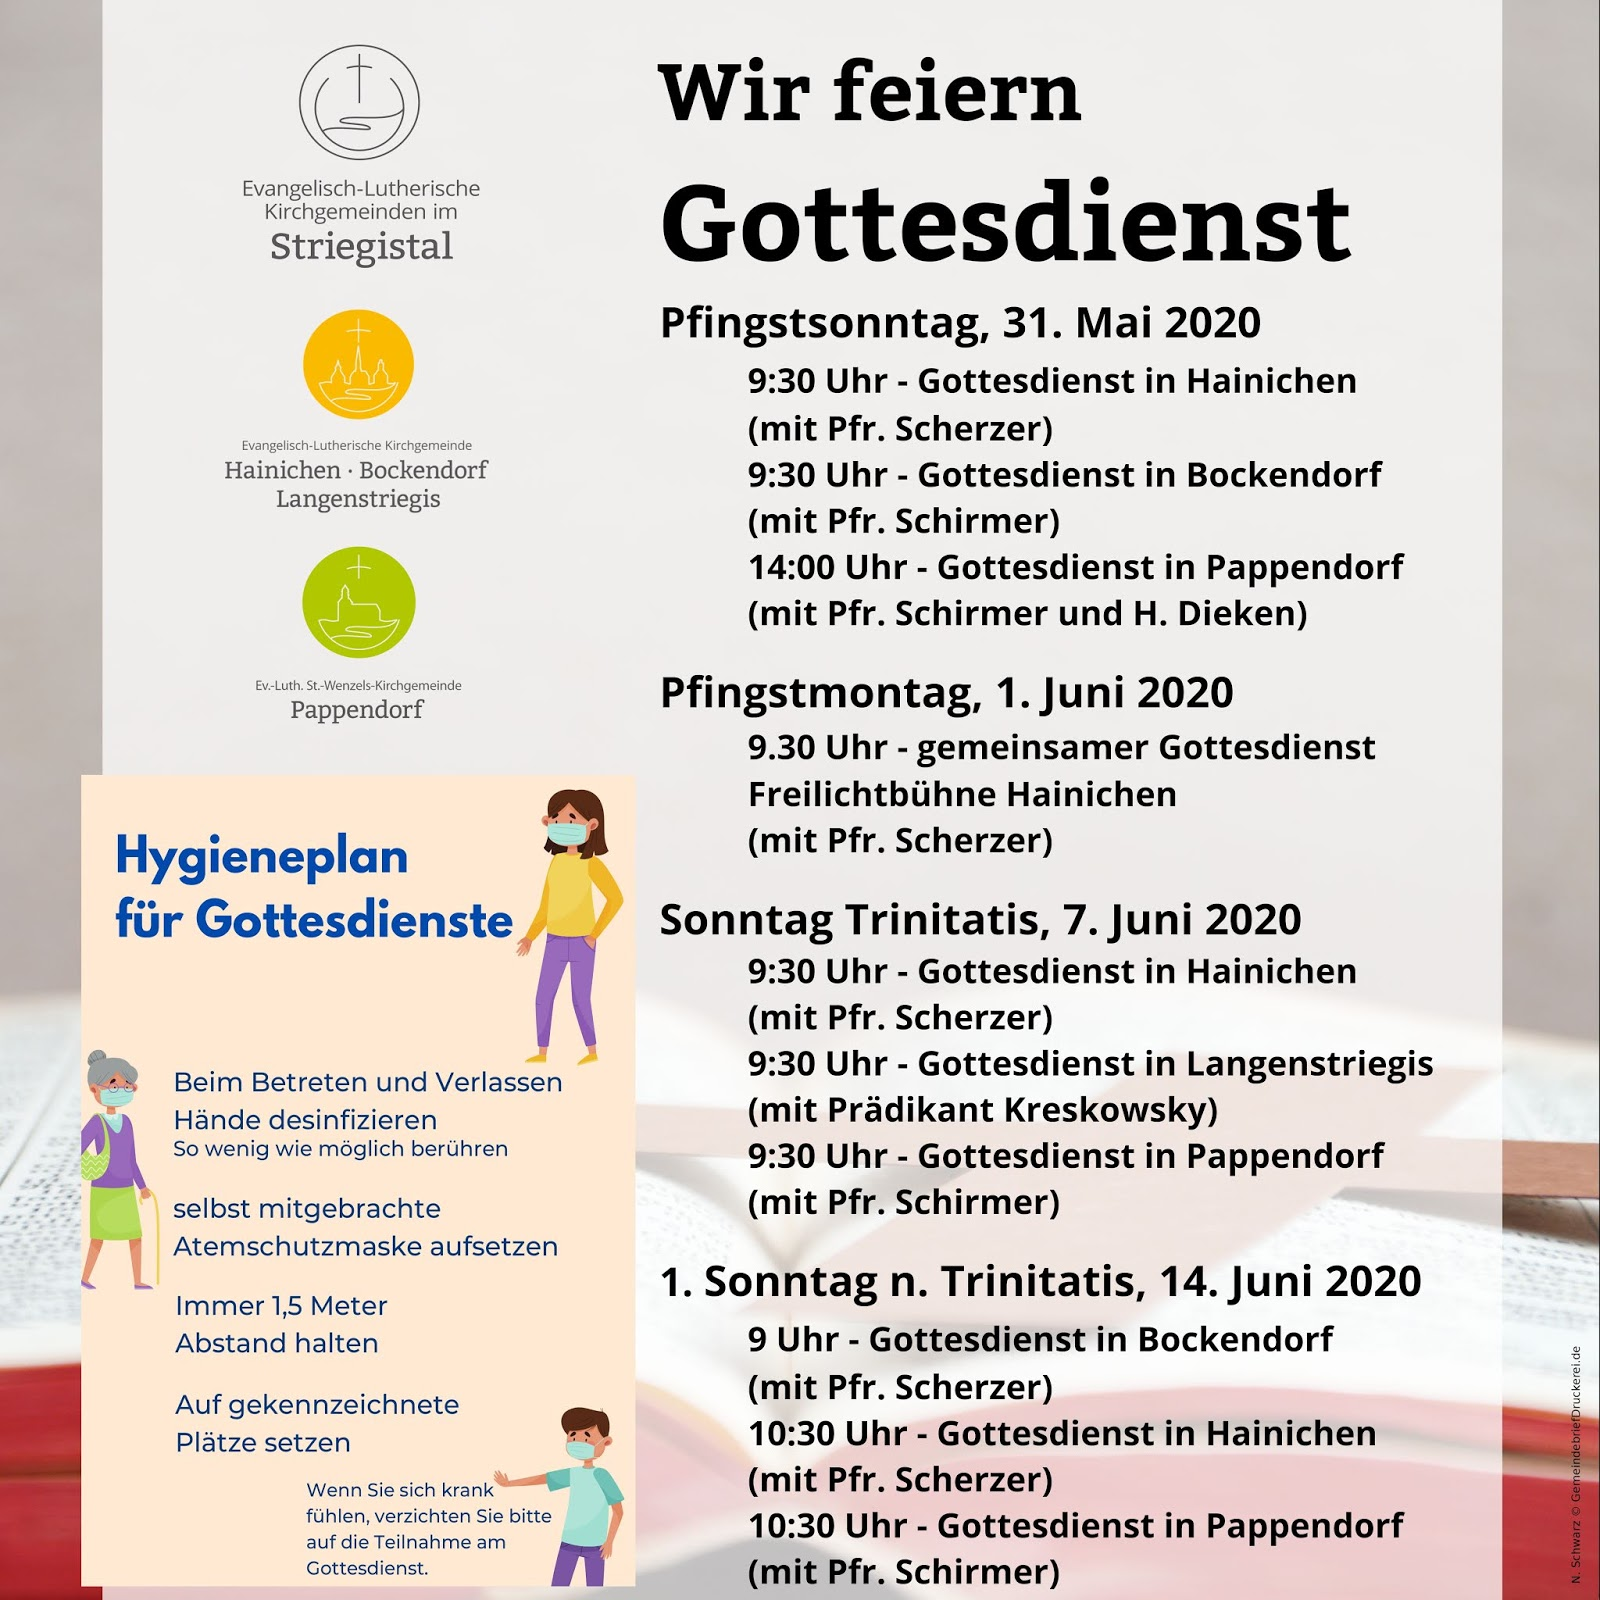 Wir feiern Gottesdienst am:     Pfingstsonntag, 31. Mai 2020  9:30 Uhr - Gottesdienst in Hainichen (mit Pfr. Scherzer) 9:30 Uhr - Gottesdienst in Bockendorf  (mit Pfr. Schirmer) 14:00 Uhr - Gottesdienst in Pappendorf  (mit Pfr. Schirmer und H. Dieken) Pfingstmontag, 1. Juni 2020  9.30 Uhr - gemeinsamer Gottesdienst Freilichtbühne Hainichen (mit Pfr. Scherzer) Sonntag Trinitatis, 7. Juni 2020  9:30 Uhr - Gottesdienst in Hainichen  (mit Pfr. Scherzer) 9:30 Uhr - Gottesdienst in Langenstriegis (mit Prädikant Kreskowsky) 9:30 Uhr - Gottesdienst in Pappendorf (mit Pfr. Schirmer) 1. Sonntag n. Trinitatis, 14. Juni 2020  9 Uhr - Gottesdienst in Bockendorf (mit Pfr. Scherzer) 10:30 Uhr - Gottesdienst in Hainichen (mit Pfr. Scherzer) 10:30 Uhr - Gottesdienst in Pappendorf  (mit Pfr. Schirmer)         Sie sind herzlich eingeladen!  Bitte bringen Sie einen Mundschutz mit und beachten Sie die Abstandsregeln und den Hygieneplan!